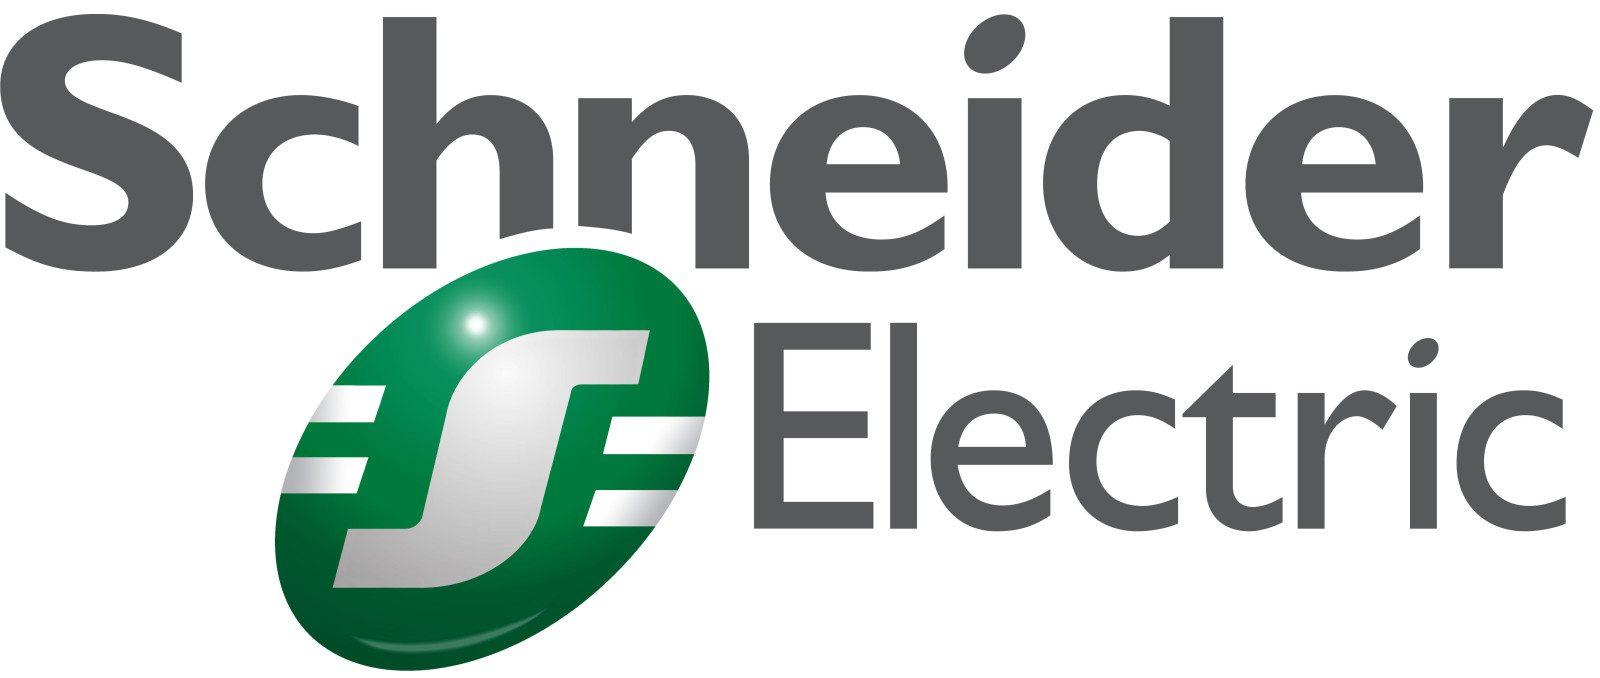 France Transfo : enfin du concret pour les salariés de Schneider Electric